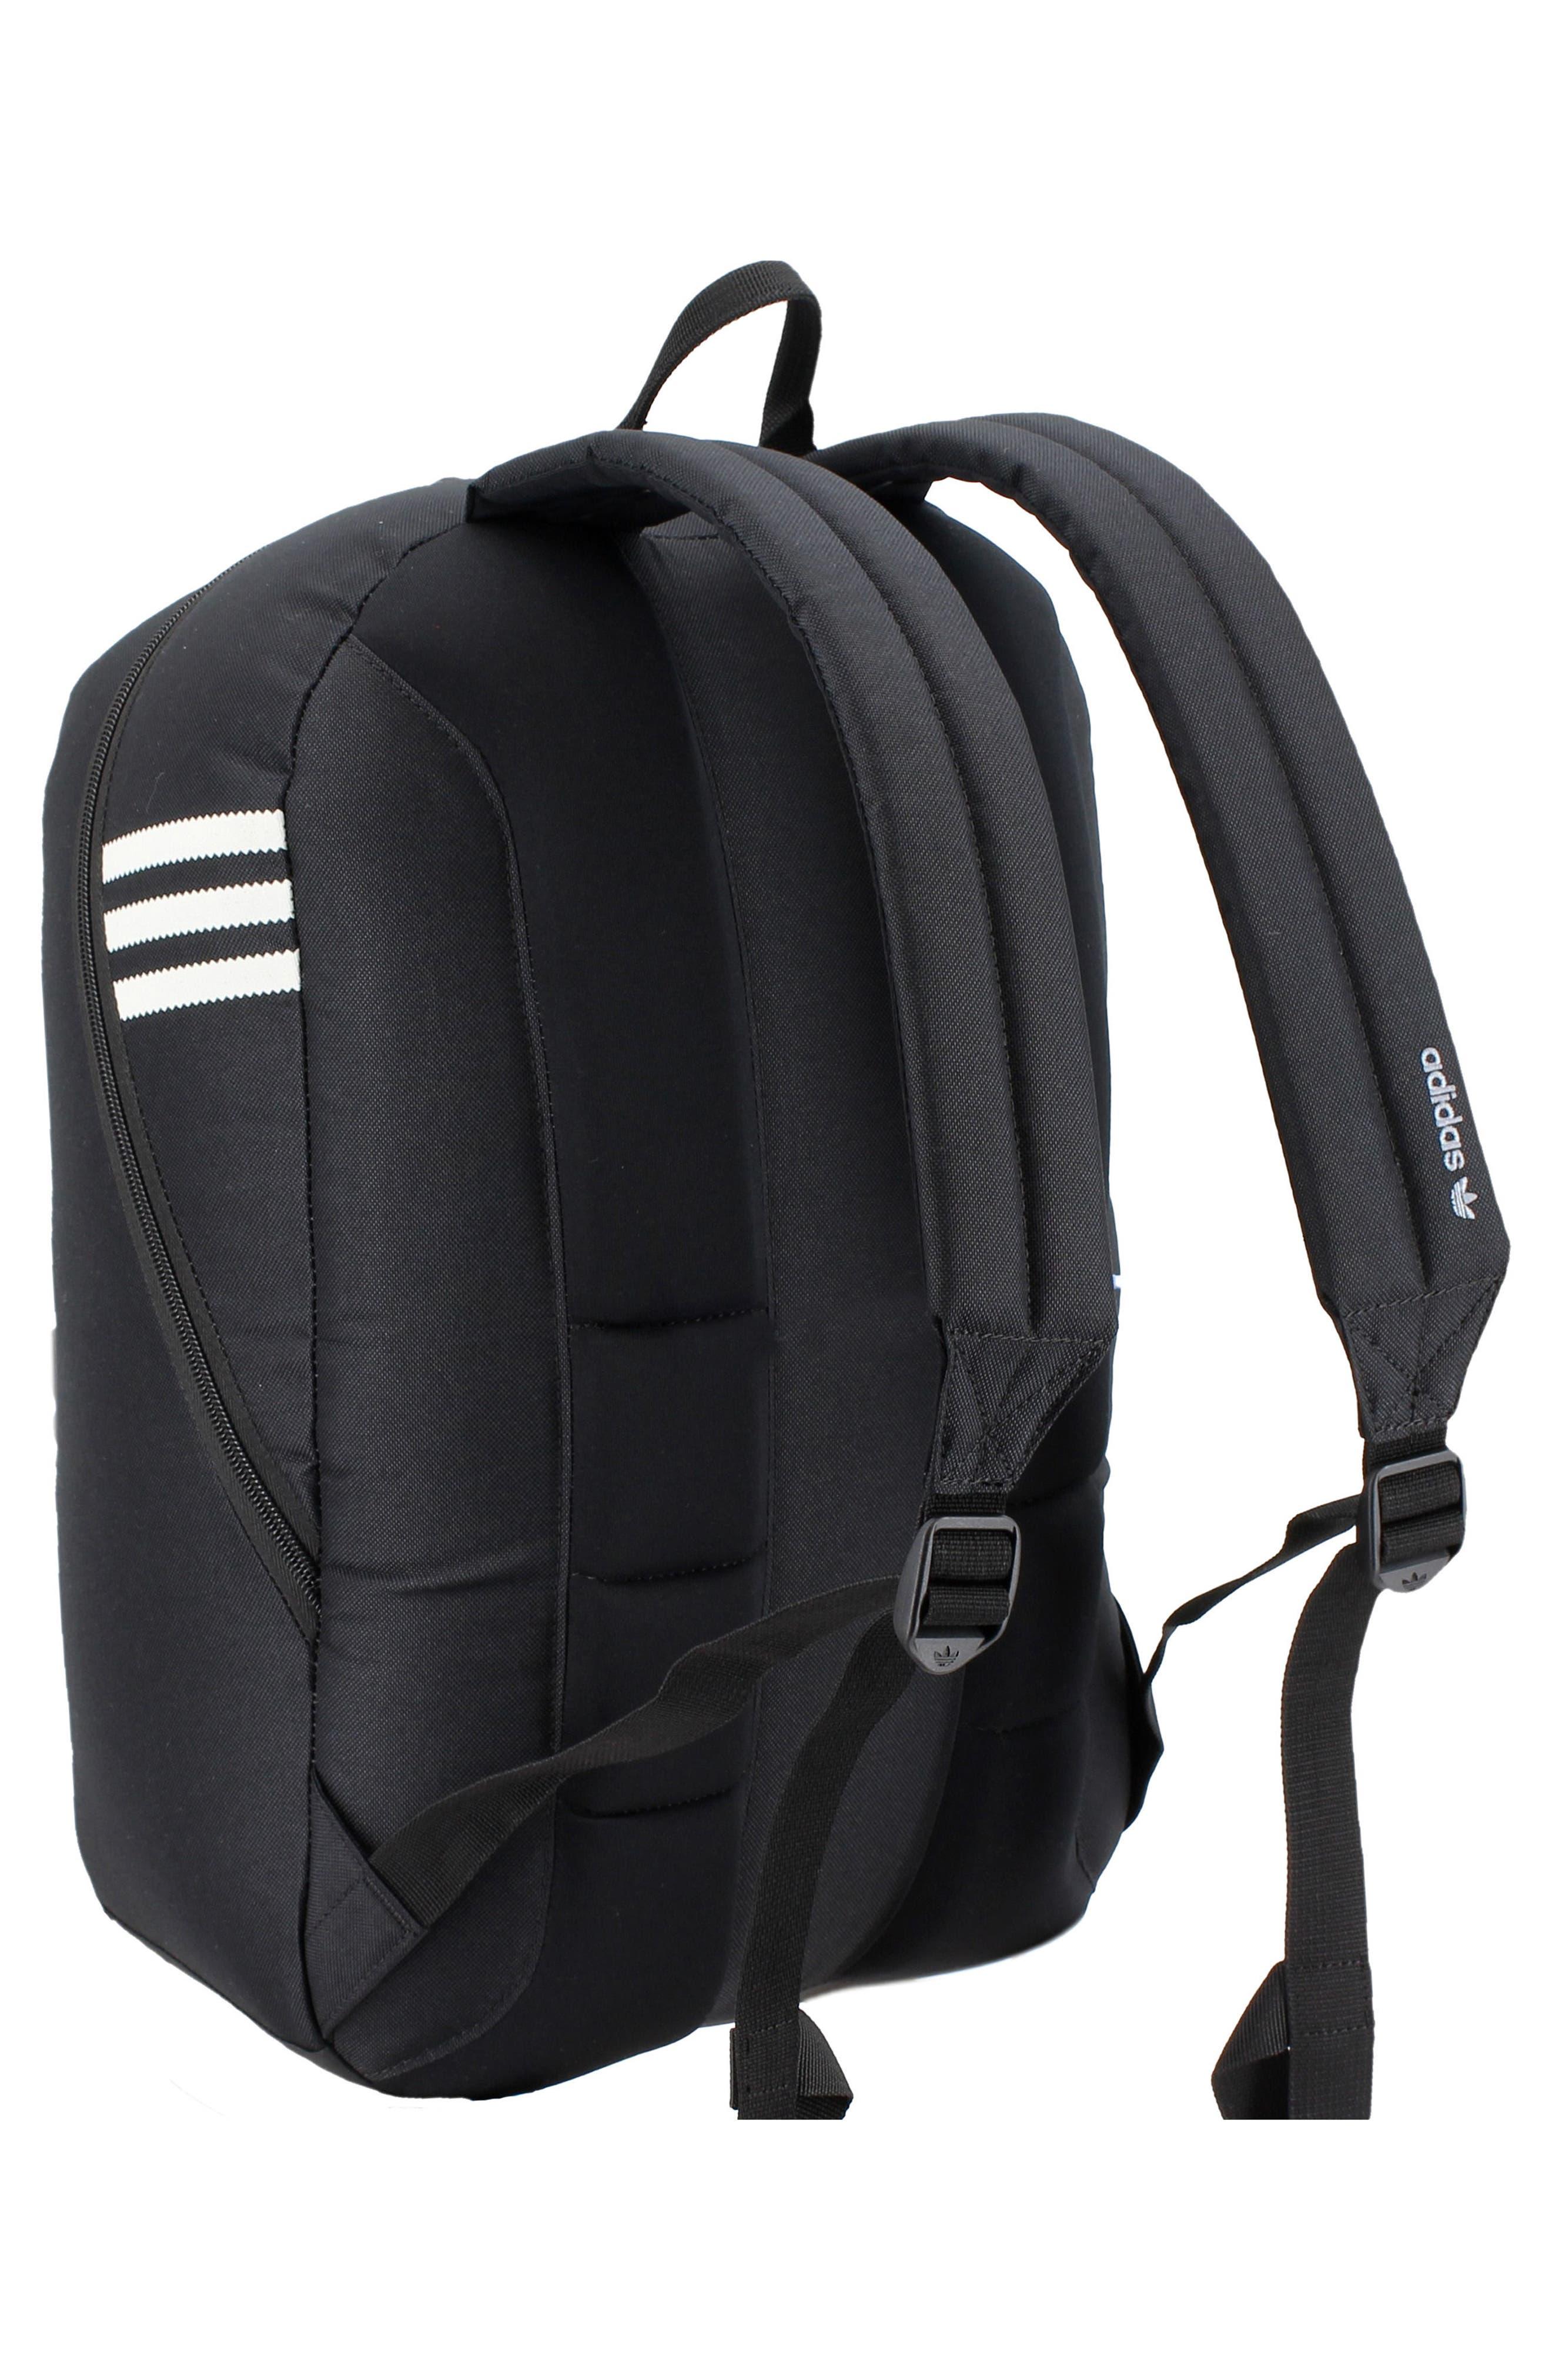 Nationals Backpack,                             Alternate thumbnail 4, color,                             Black